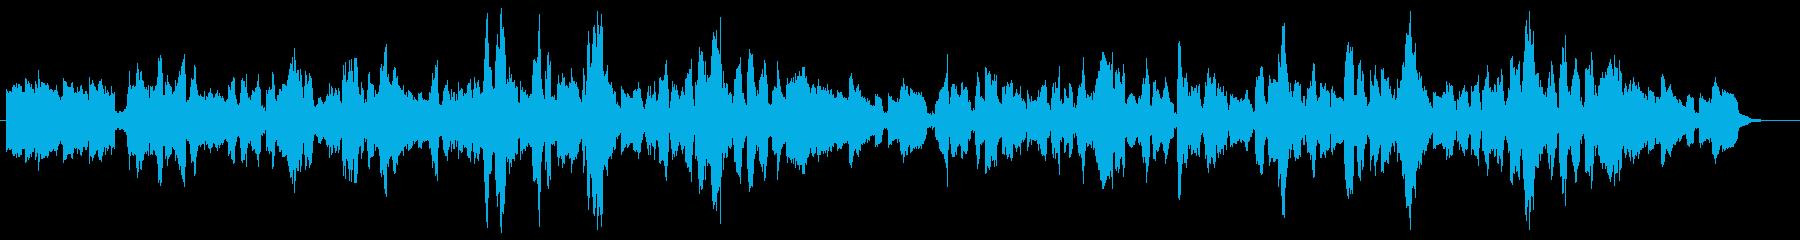 歌曲の名曲ドイツ語で少し明るく歌ってますの再生済みの波形